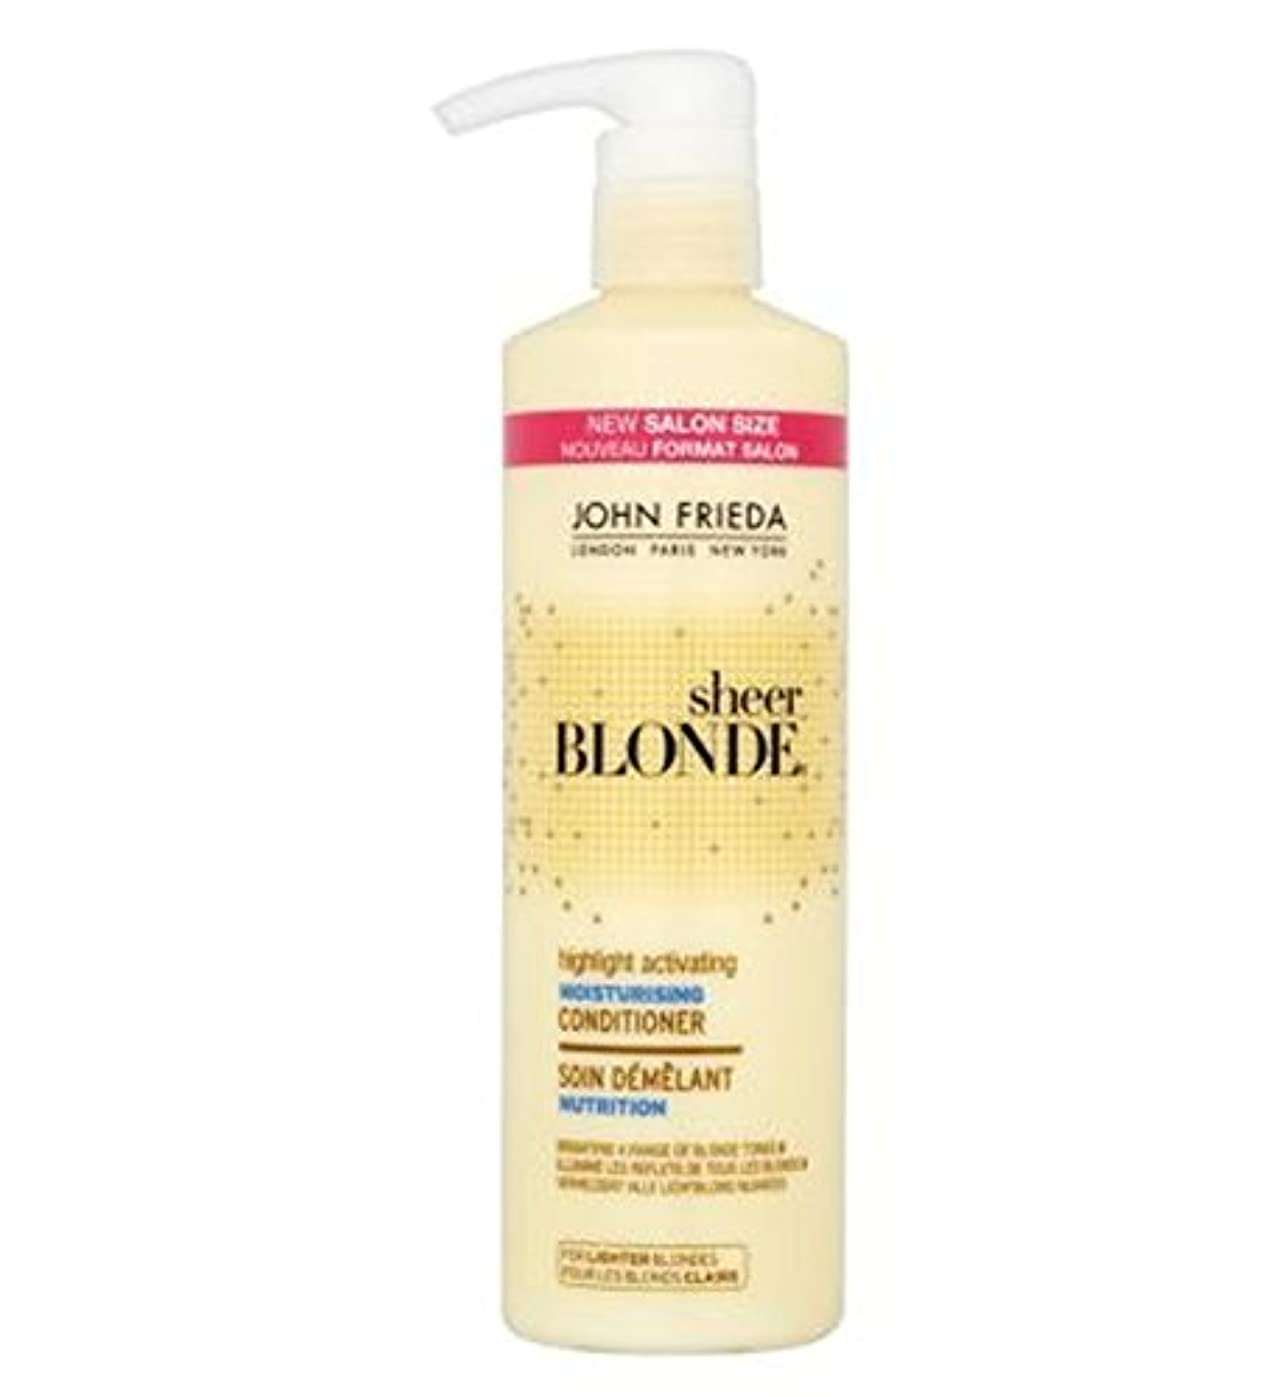 外科医徐々に人に関する限りジョン?フリーダ薄手のブロンドのハイライト活性化保湿コンディショナー500ミリリットル (John Frieda) (x2) - John Frieda Sheer Blonde Highlight Activating...